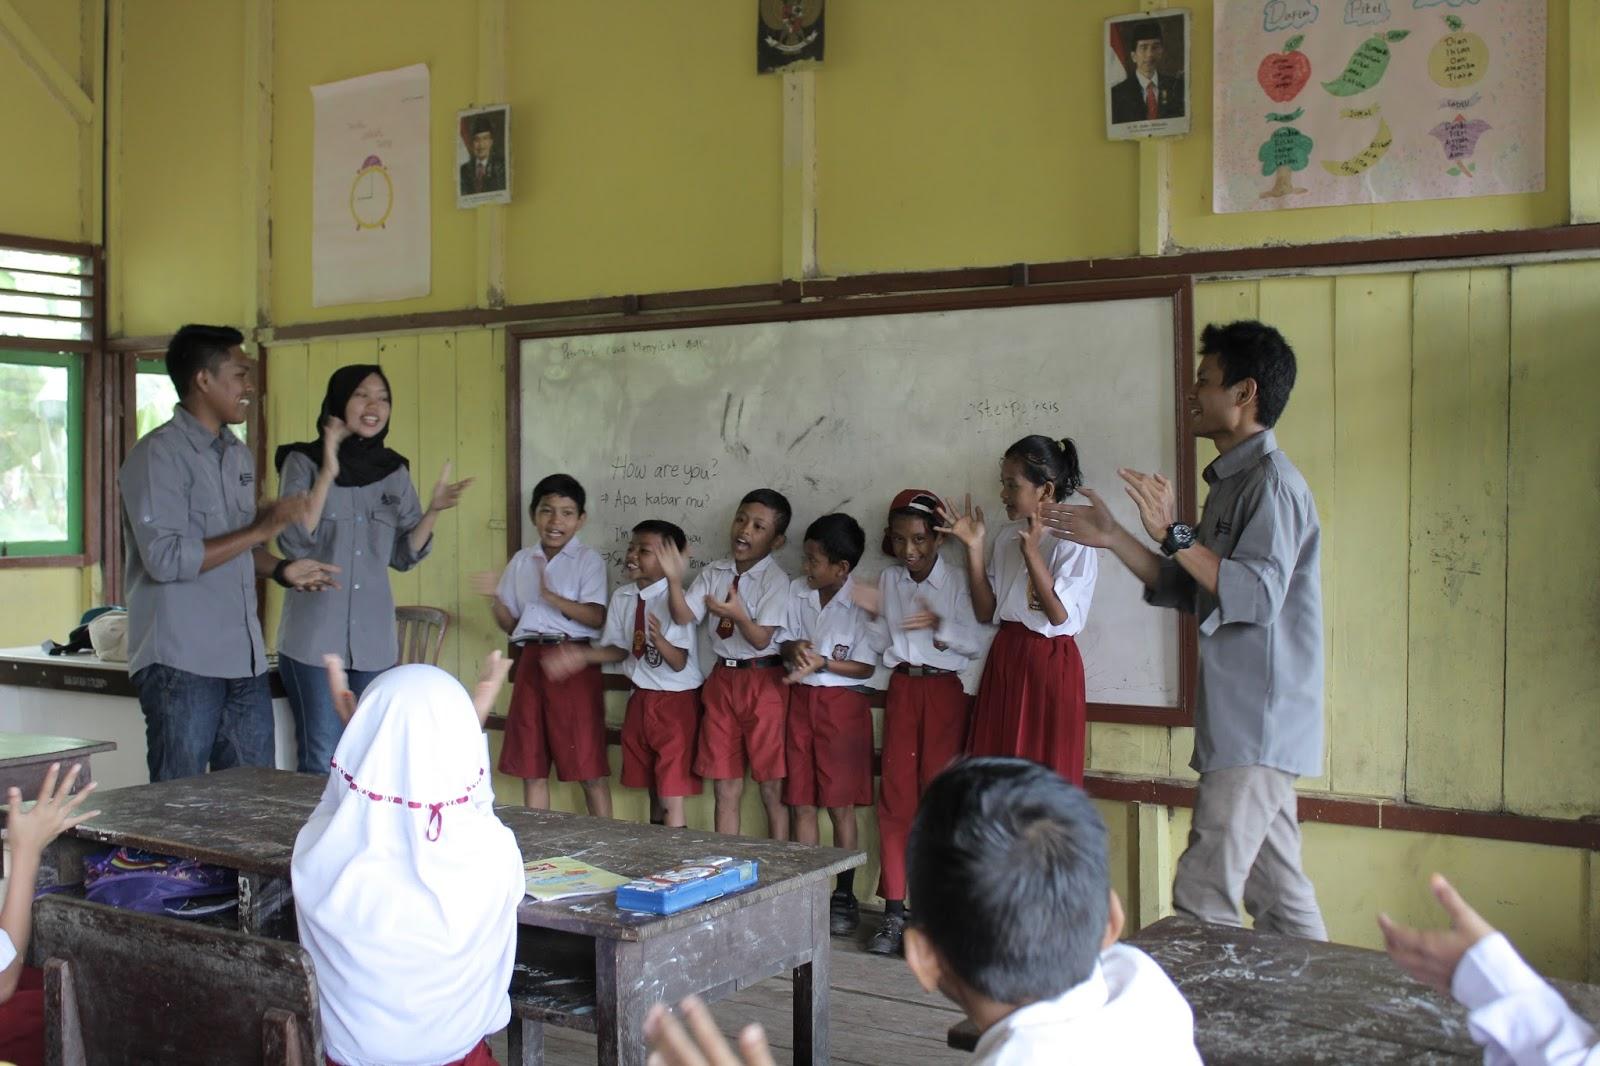 kepentingan suasana pembelajaran yang kondusif Kepentingan seni dalam pendidikan  sosial dalam persekitaran yang selamat dan kondusif melalui  menghasilkan satu suasana pengajaran dan pembelajaran yang.